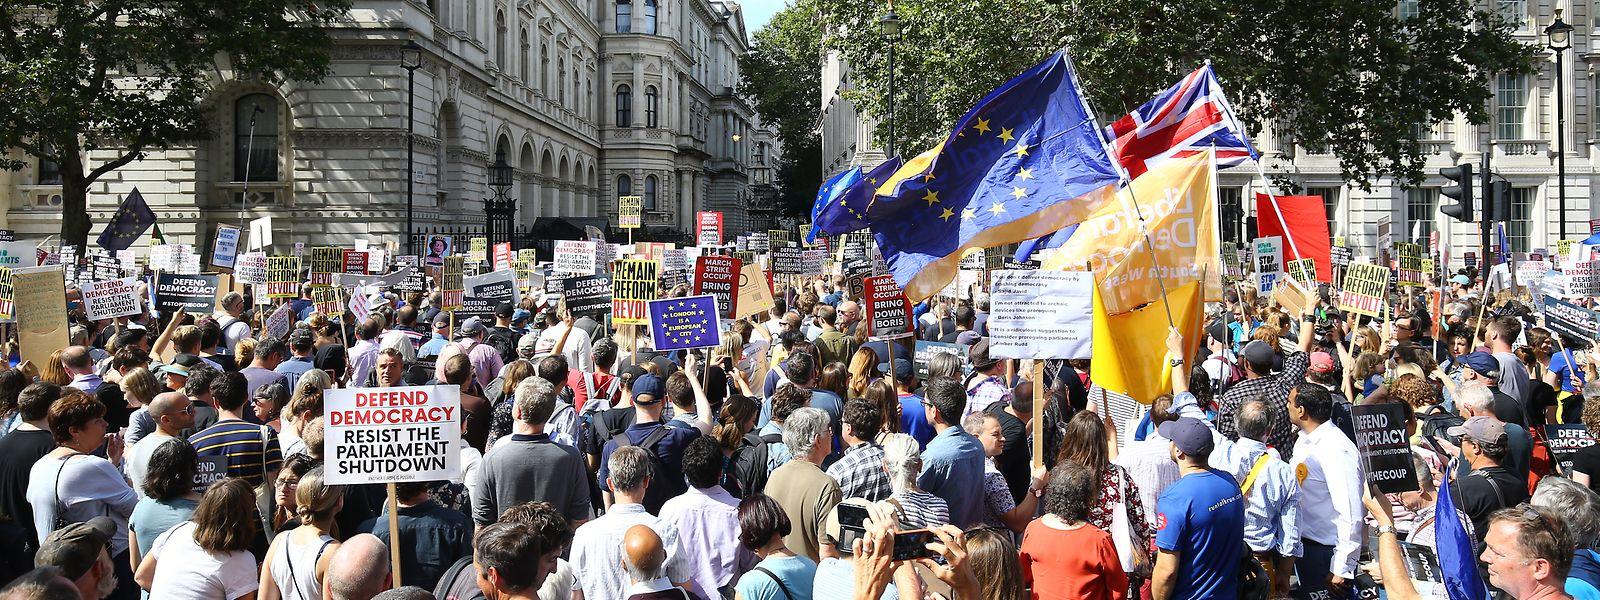 Zahlreiche Menschen versammelten sich zu einer Demonstration gegen die Entscheidung von Premier Johnson das britische Parlament in eine Zwangspause zu schicken.